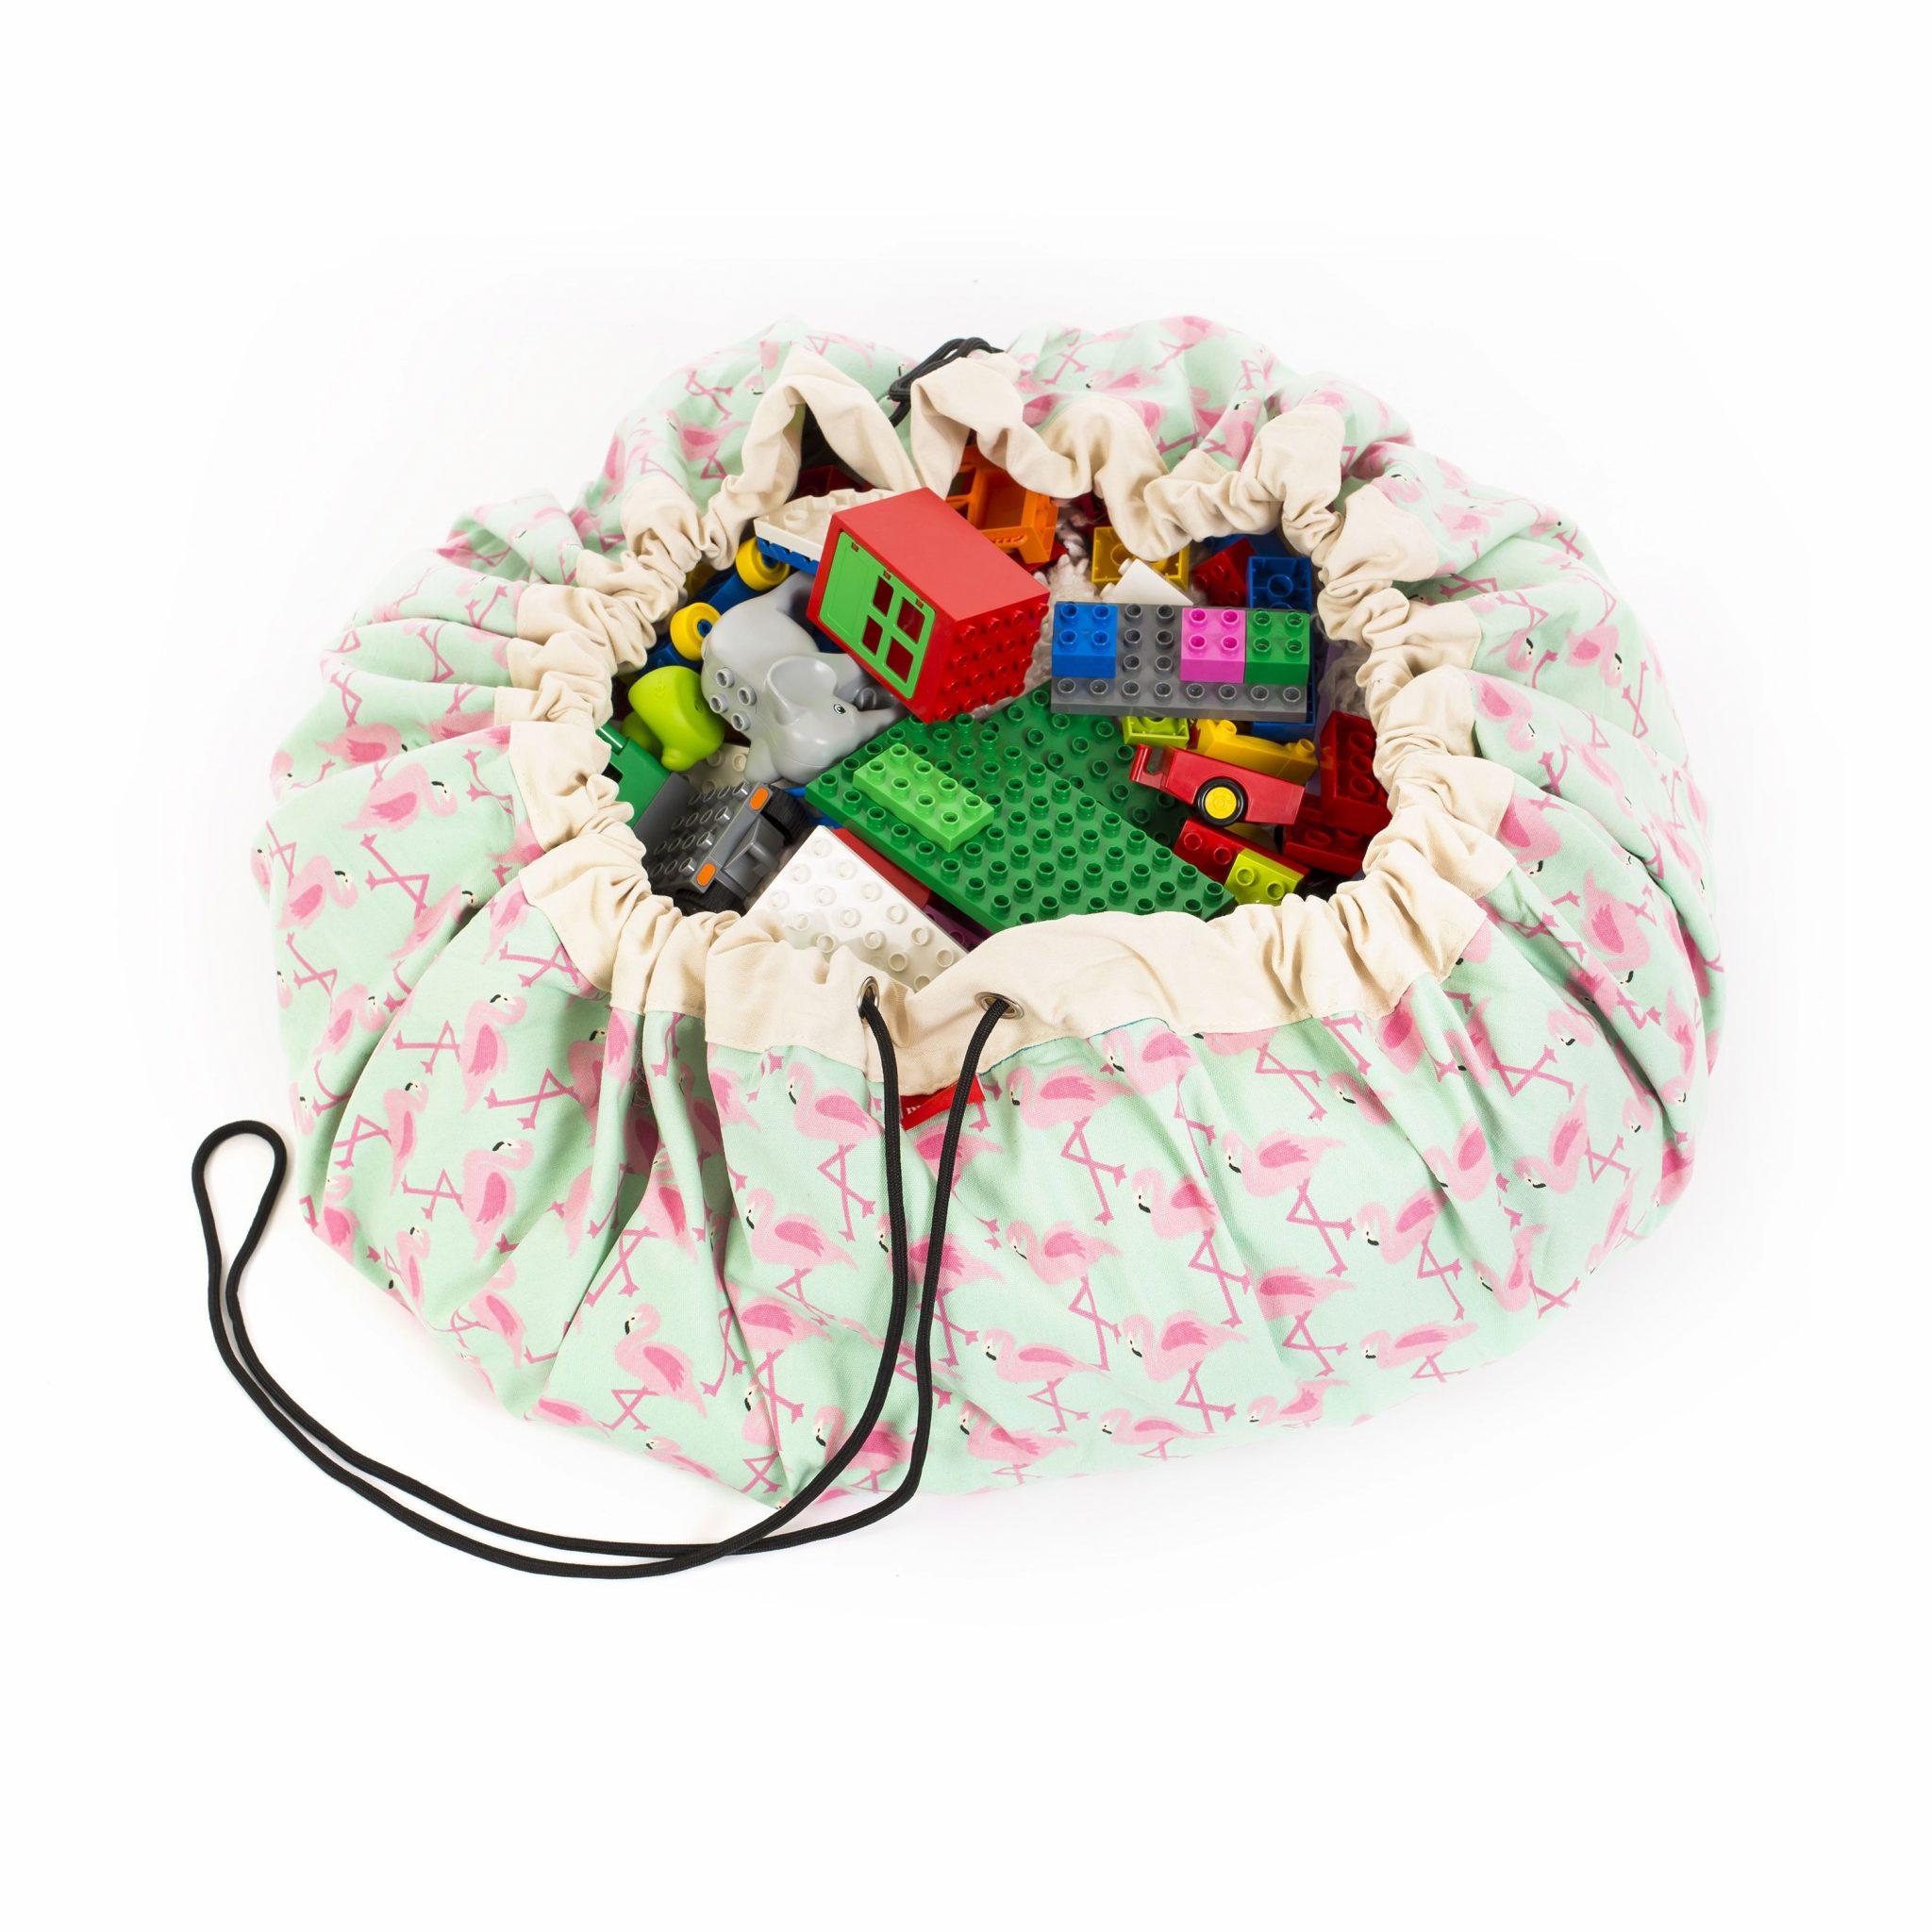 比利時 play & go 玩具整理袋 (派對紅鶴)